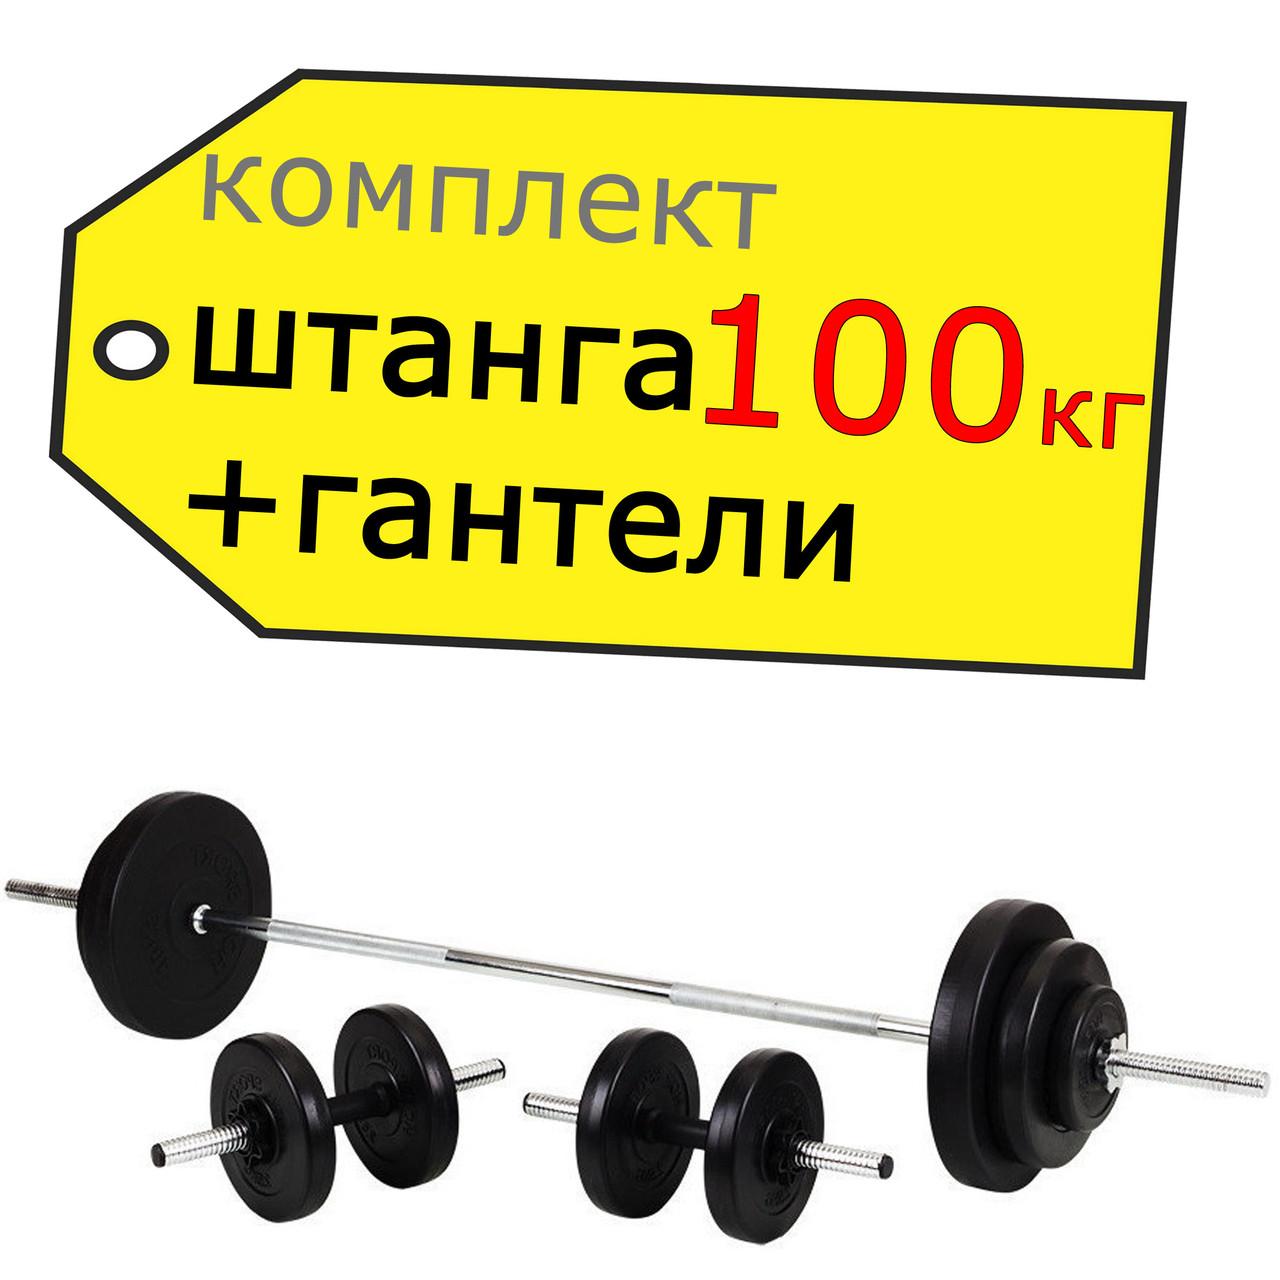 Штанга 100 кг прямая фиксированная + Гантели 2*26 кг разборные (комплект пряма штанга + гантелі розбірні)